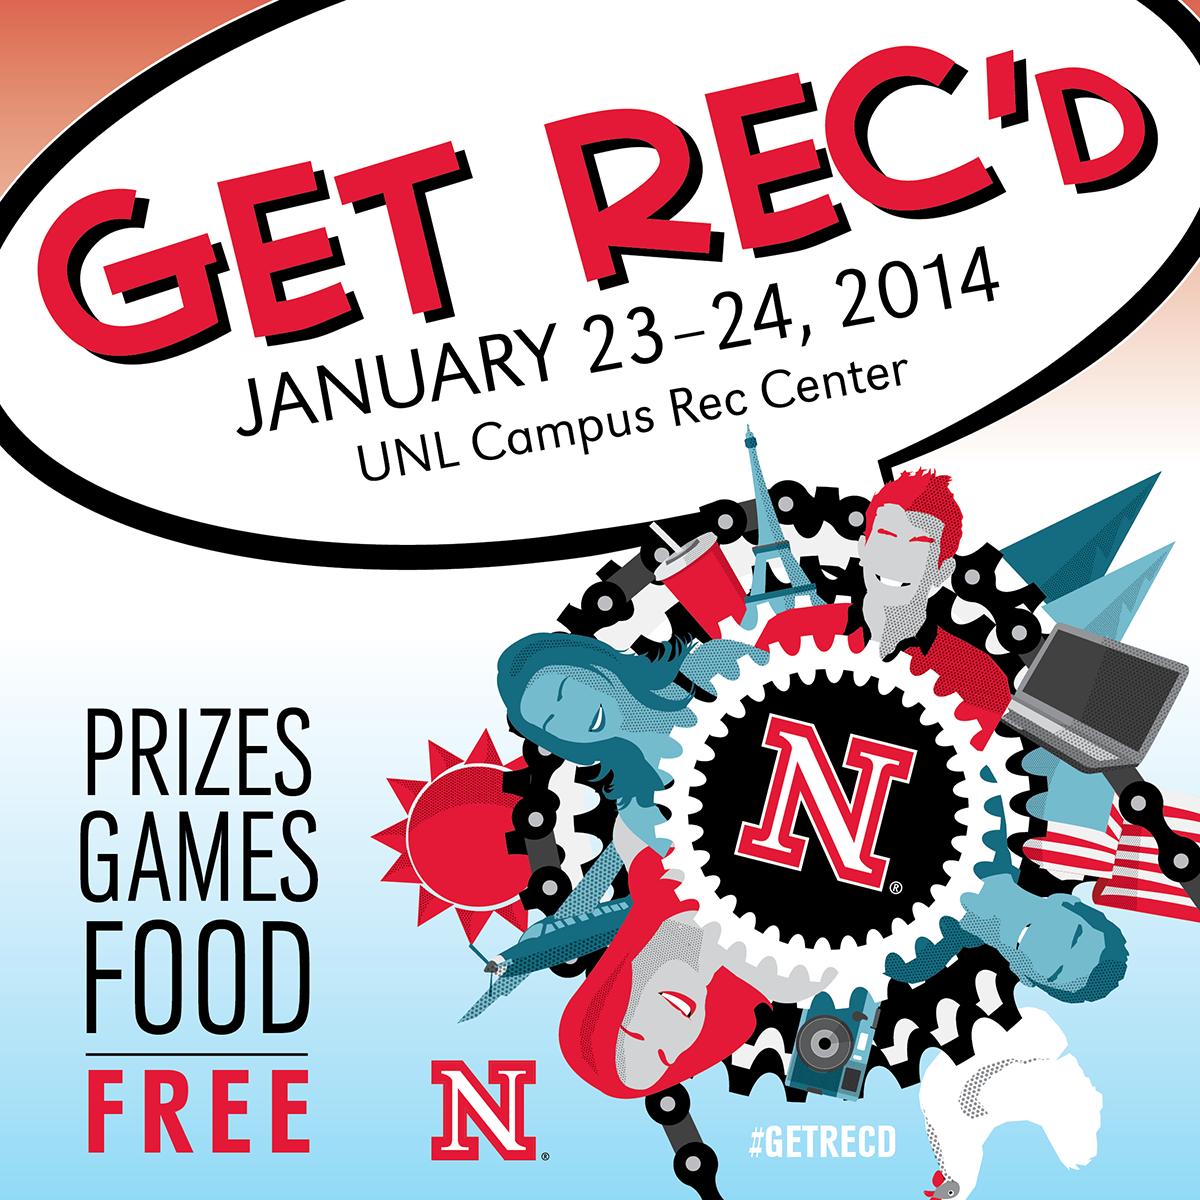 GET REC'd 2014, Jan. 23-24 - UNL Campus Rec